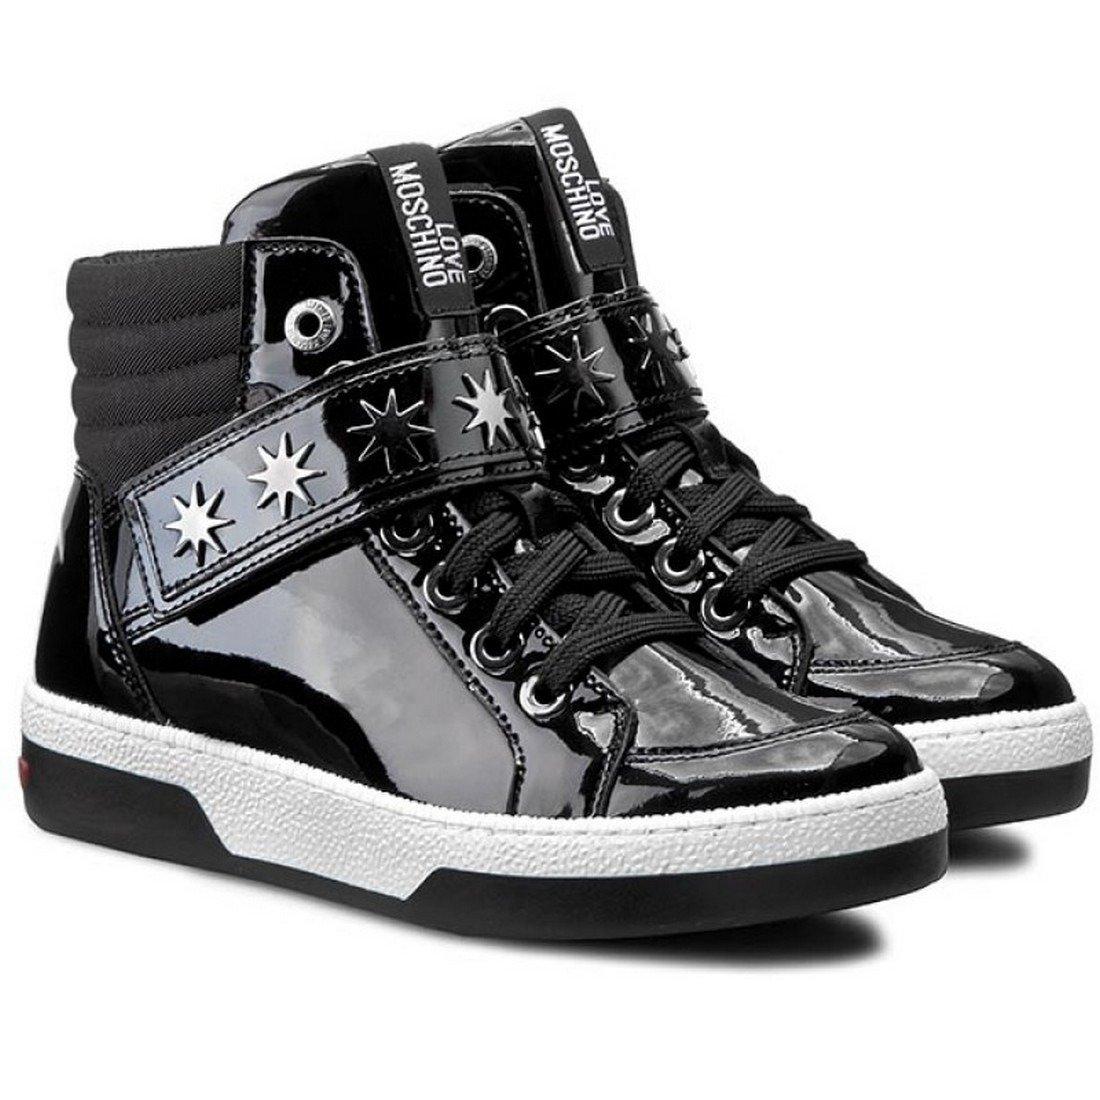 LOVE MOSCHINO JA15153G00JDA000 Damen Women Schuhe Shoes High Top Sneaker Boots